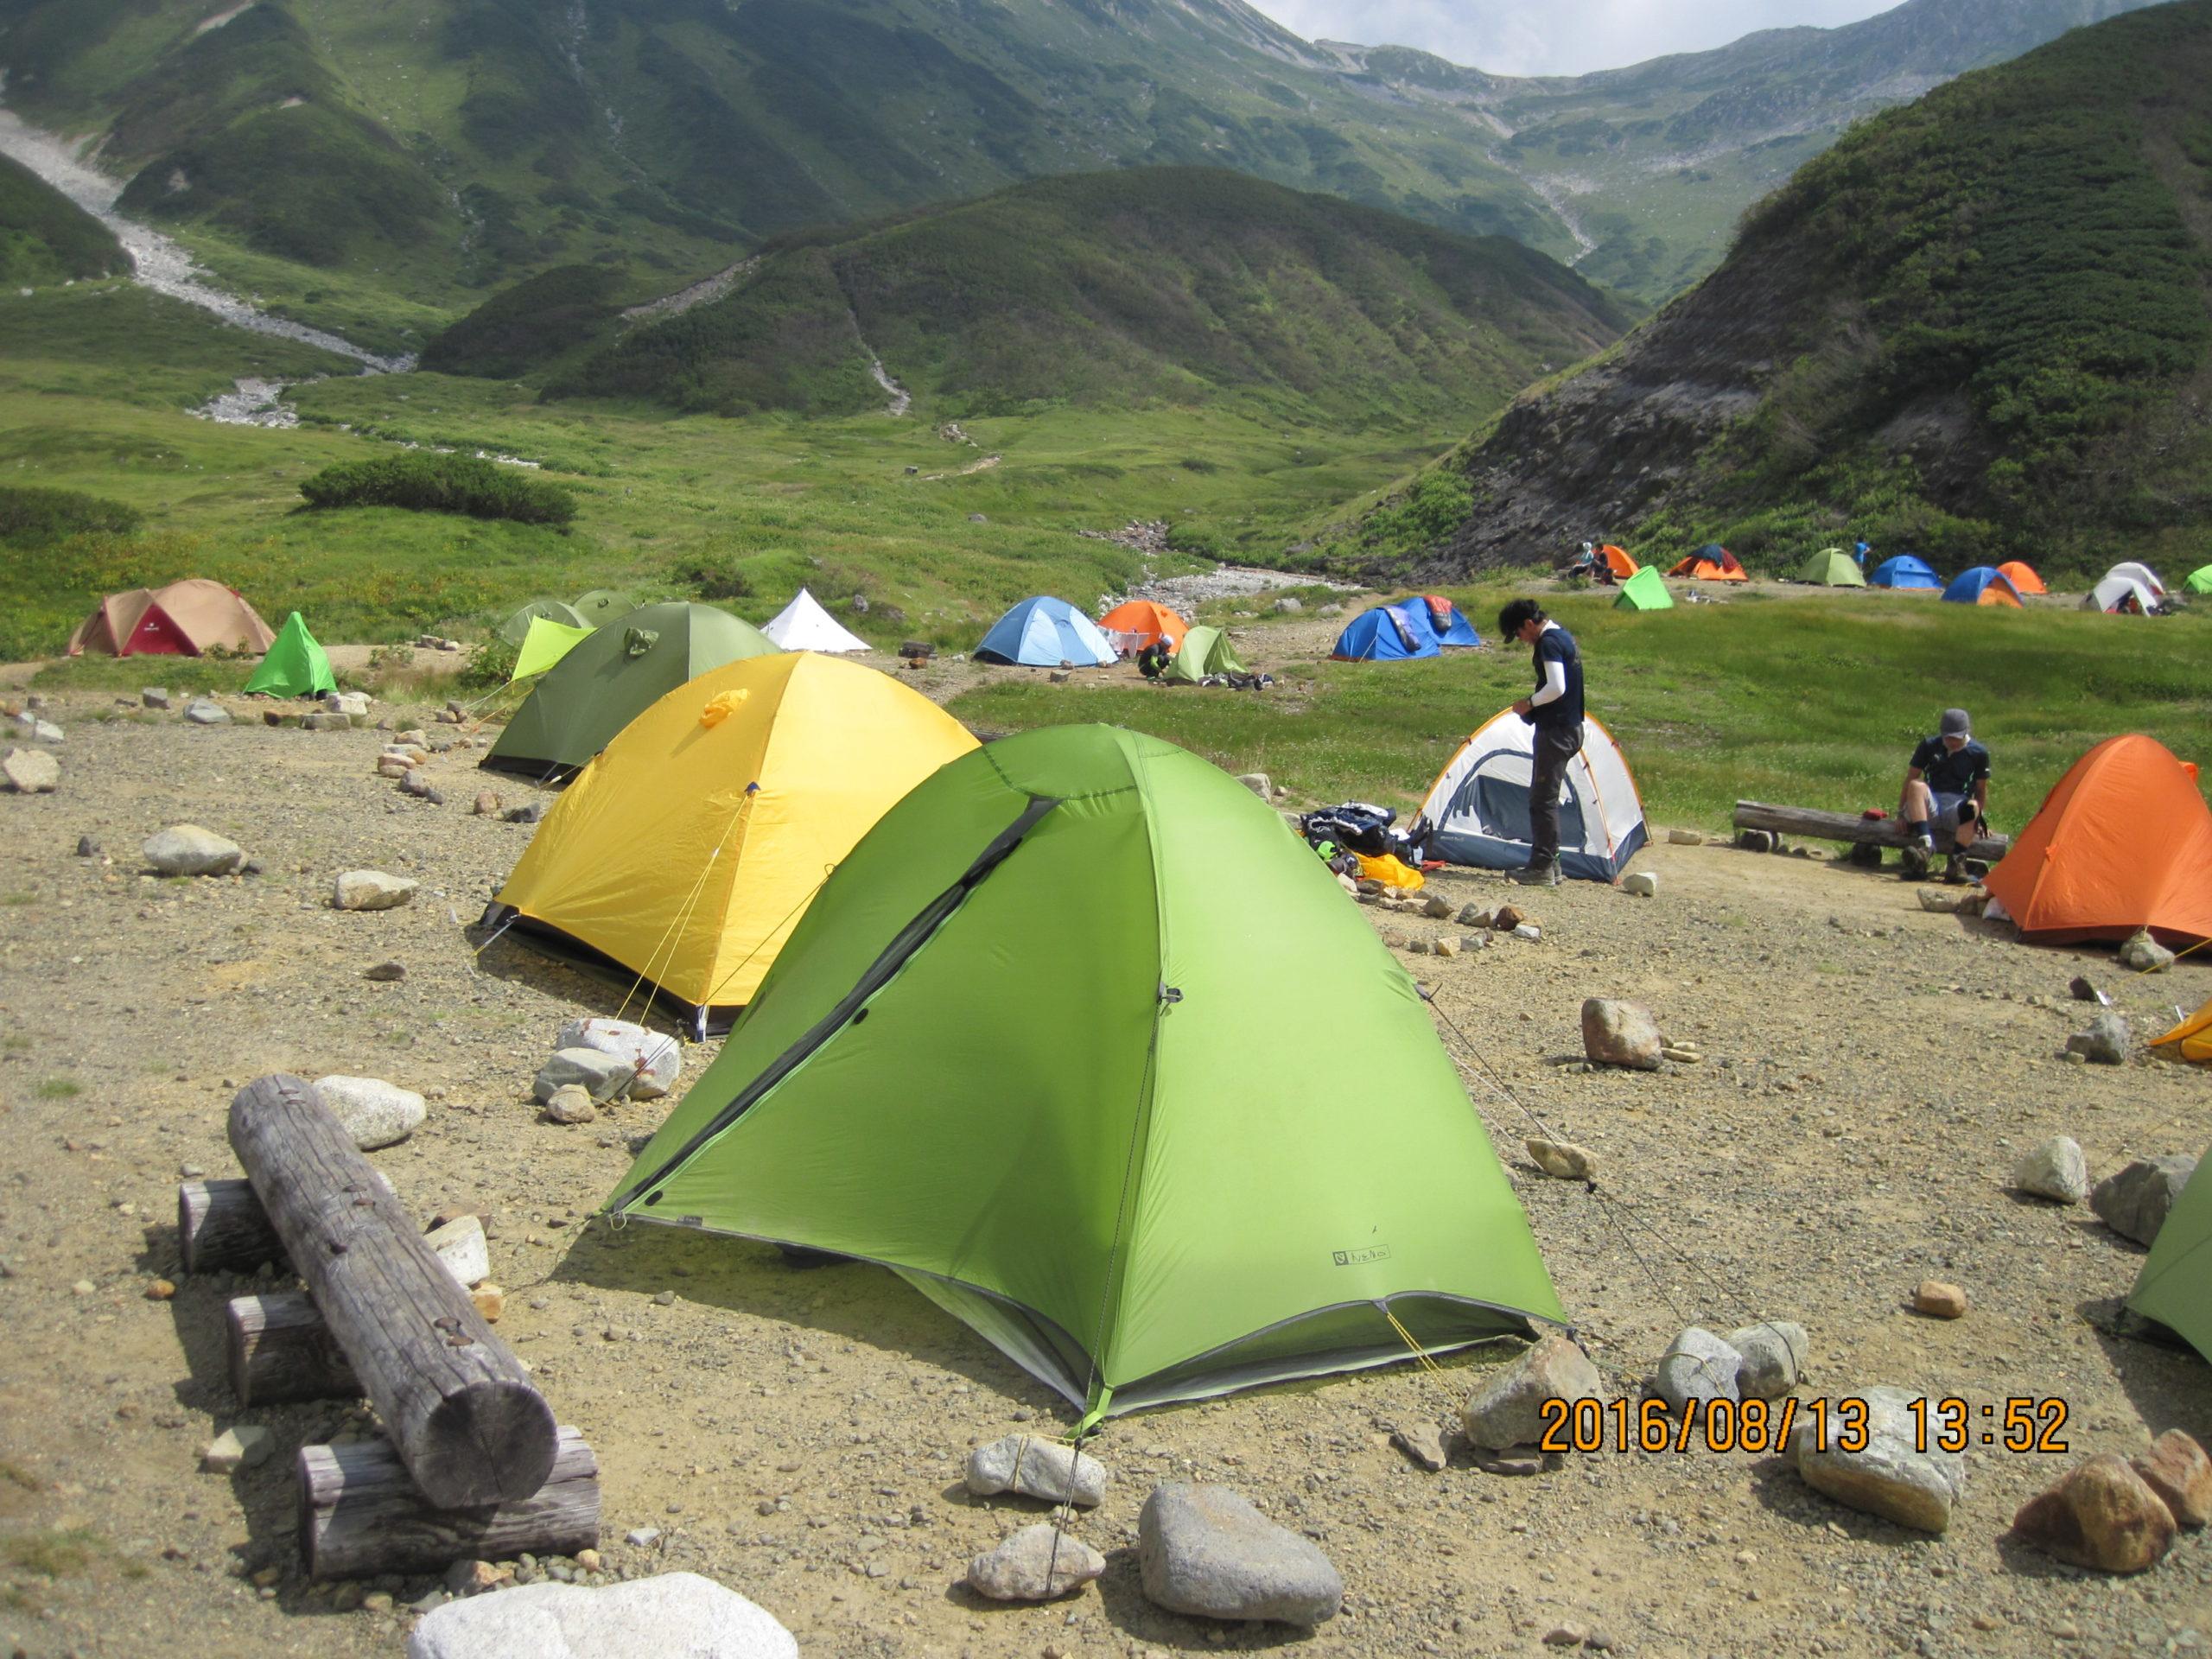 ニーモ タニ1Pでテント泊